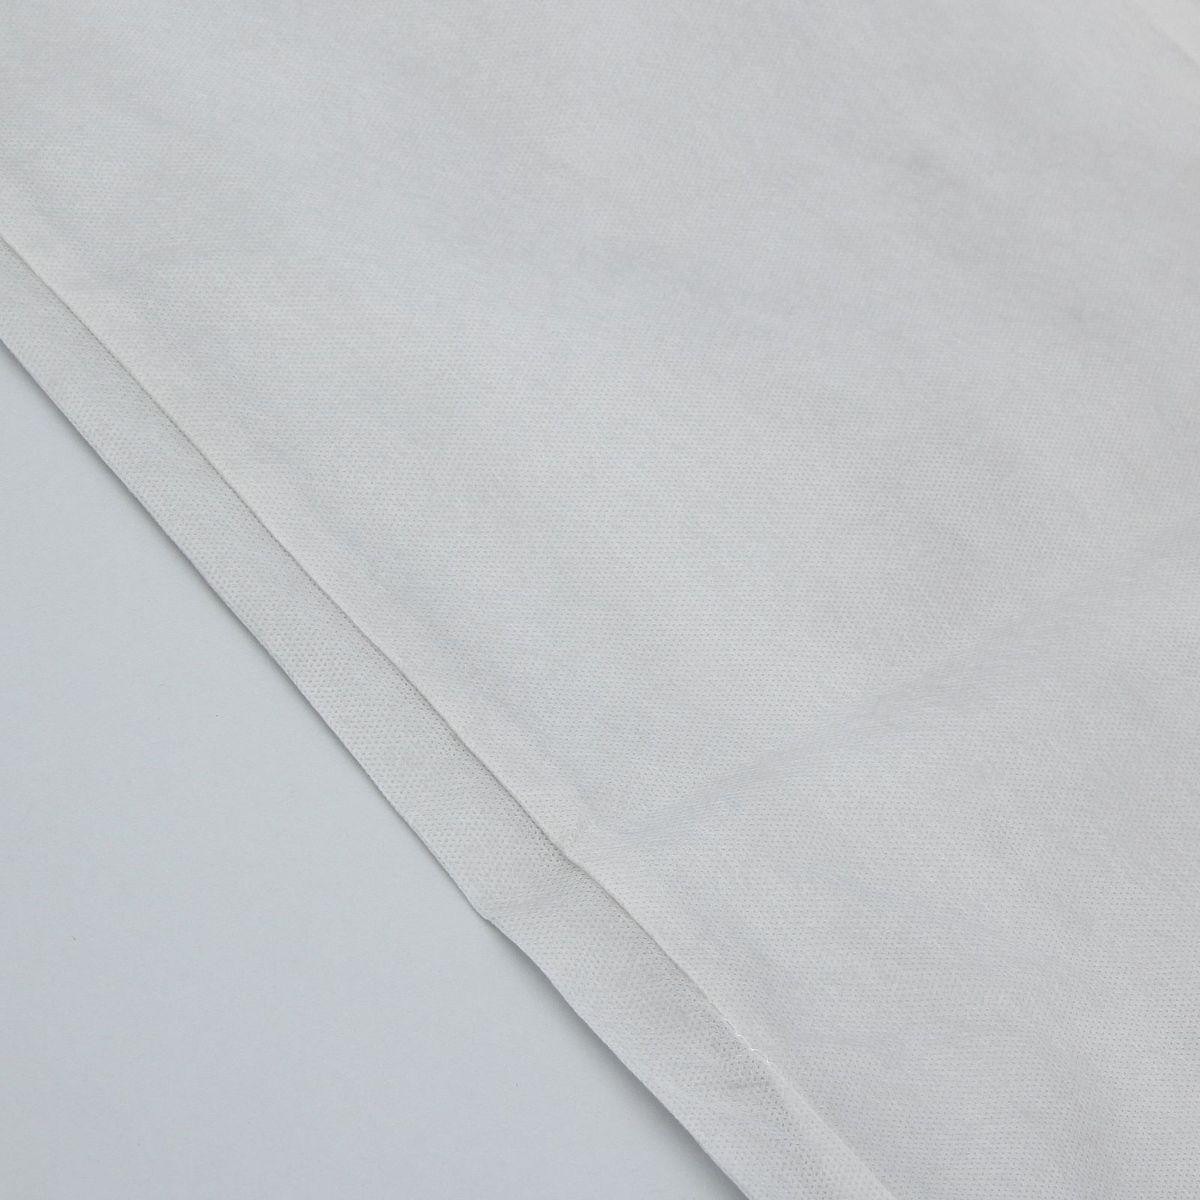 Материал укрывной NeoSpan, 2 х 0,5 м1686592Садовый чехол NeoSpan - отличный способ защиты растений в холодное время года. Изделие поможет сберечь плодовые деревья, цветочные и ягодные кусты в период низких температур.Достоинства изделия:Способствует сохранению тепла.Защищает от порывов ветра.Служит долгие годы.Для наибольшей эффективности закрепляйте края чехла камнями, насыпями песка или земли.